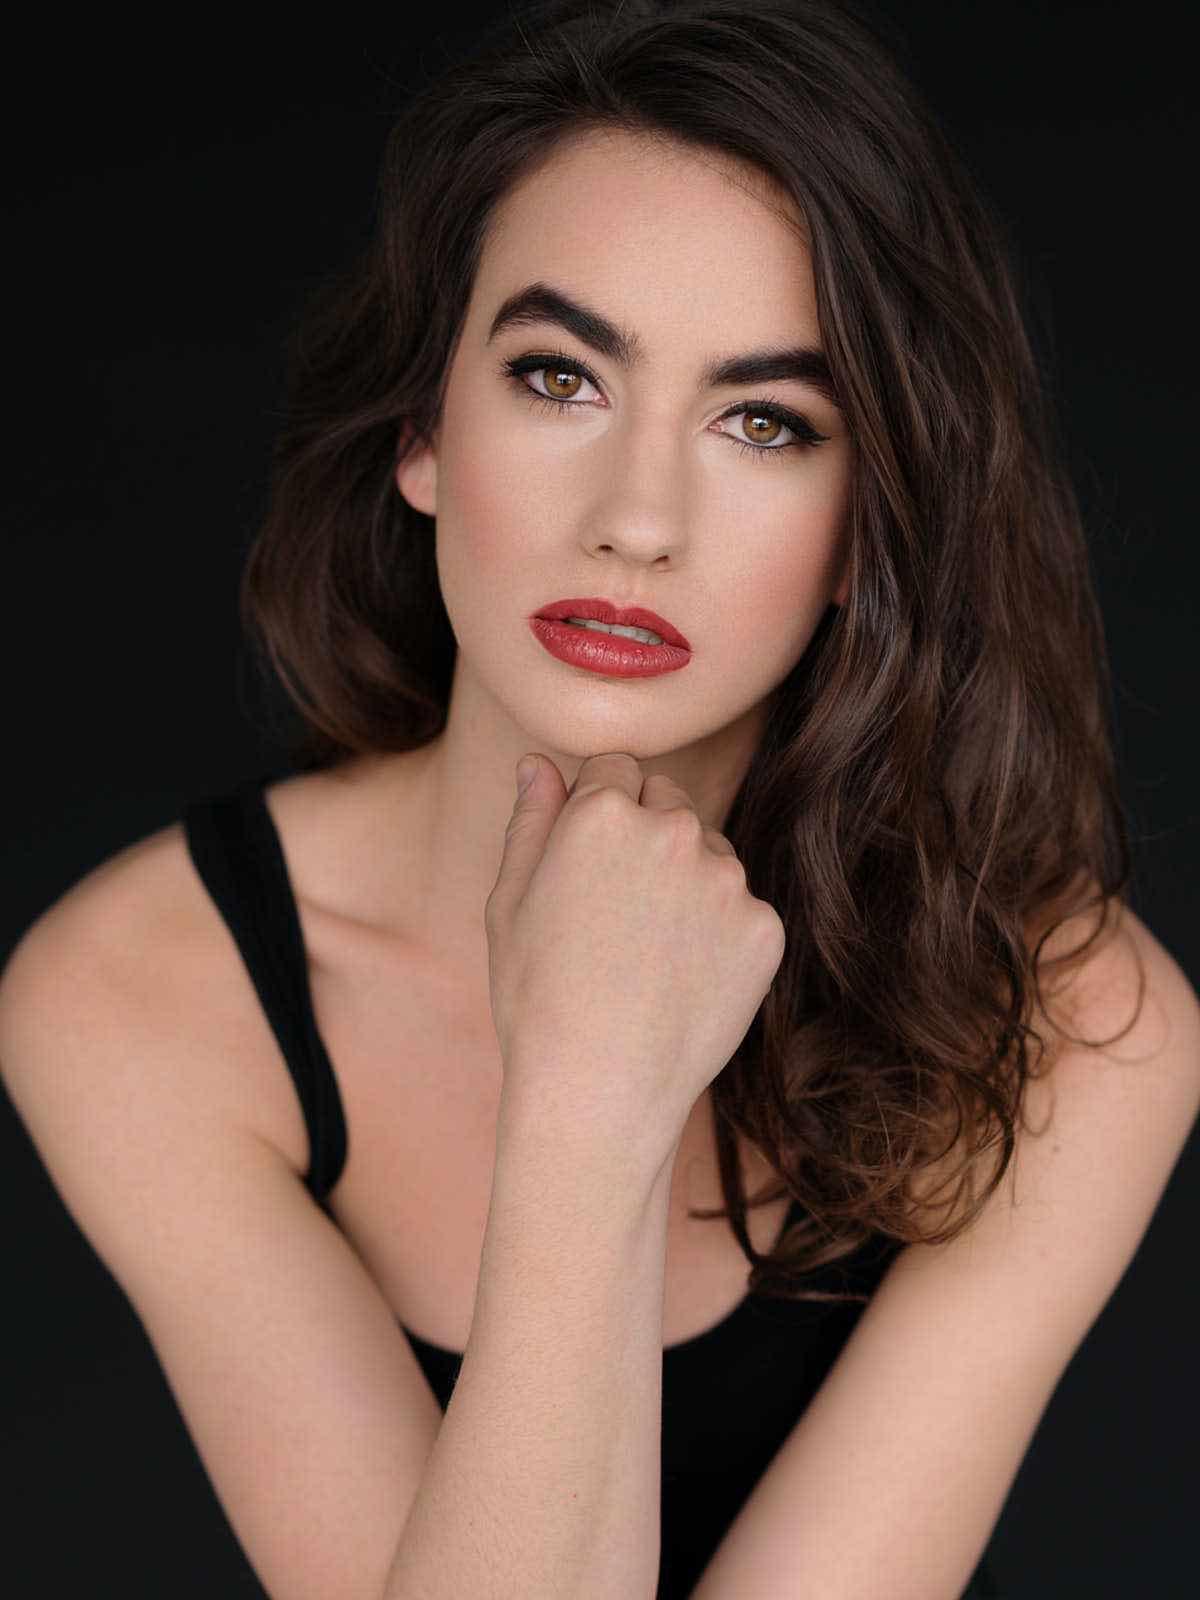 sce-agency-female-model-julia-s-4aaaa